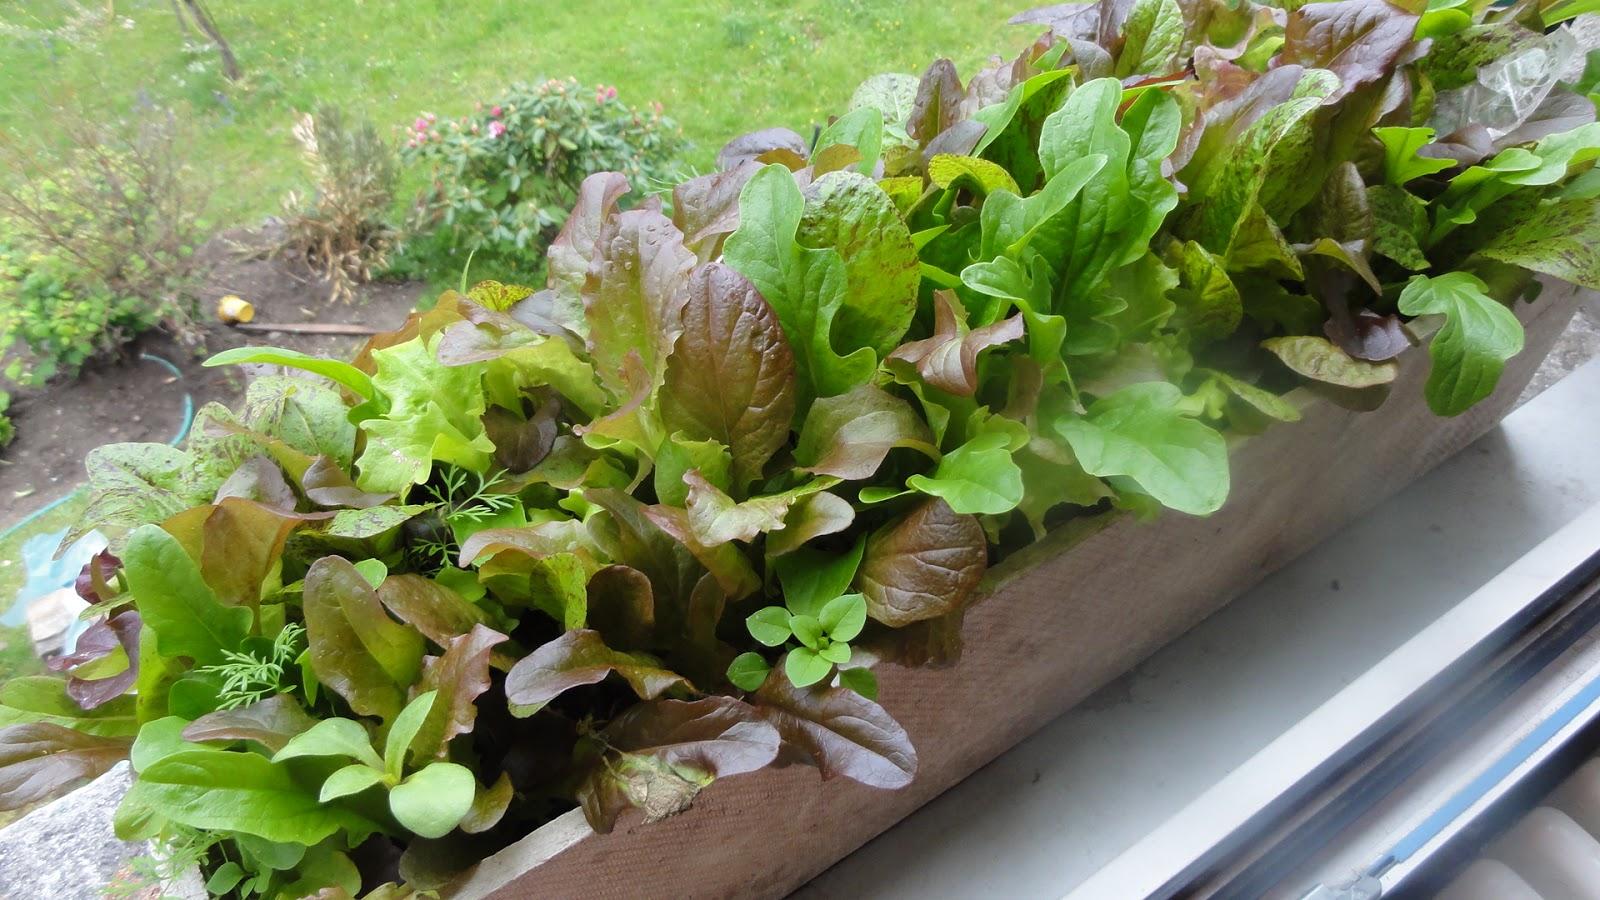 Giardinaggio laura ponte in valtellina insalata in casa for Concime per gerani fatto in casa